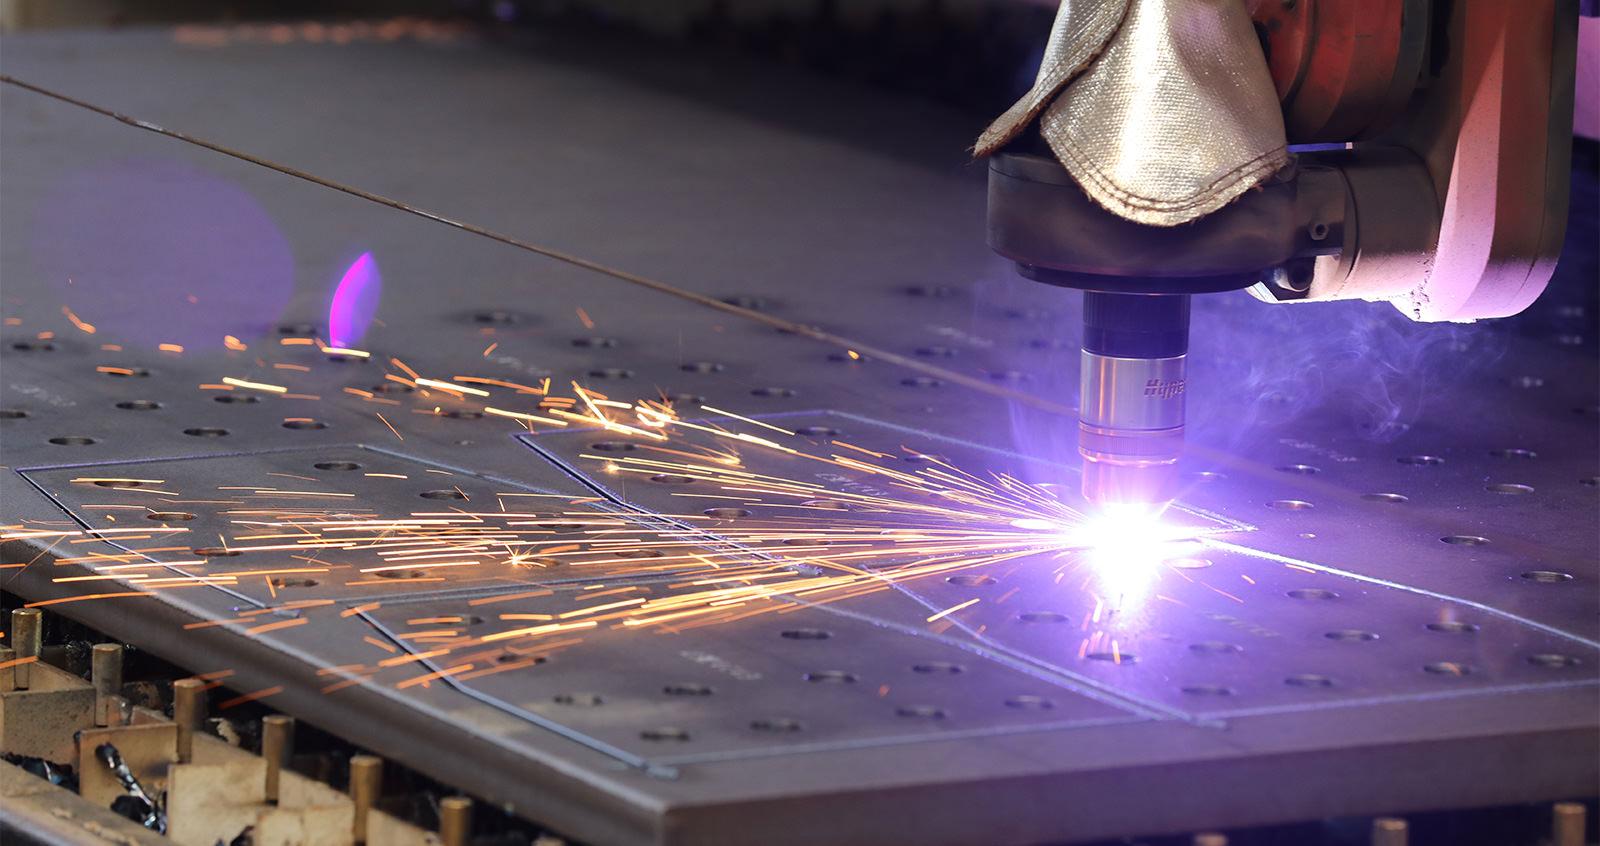 Hahner Technik: Stahlbau-Infotage – Mit dem Laser schneiden – Bernhard Hahner Blog